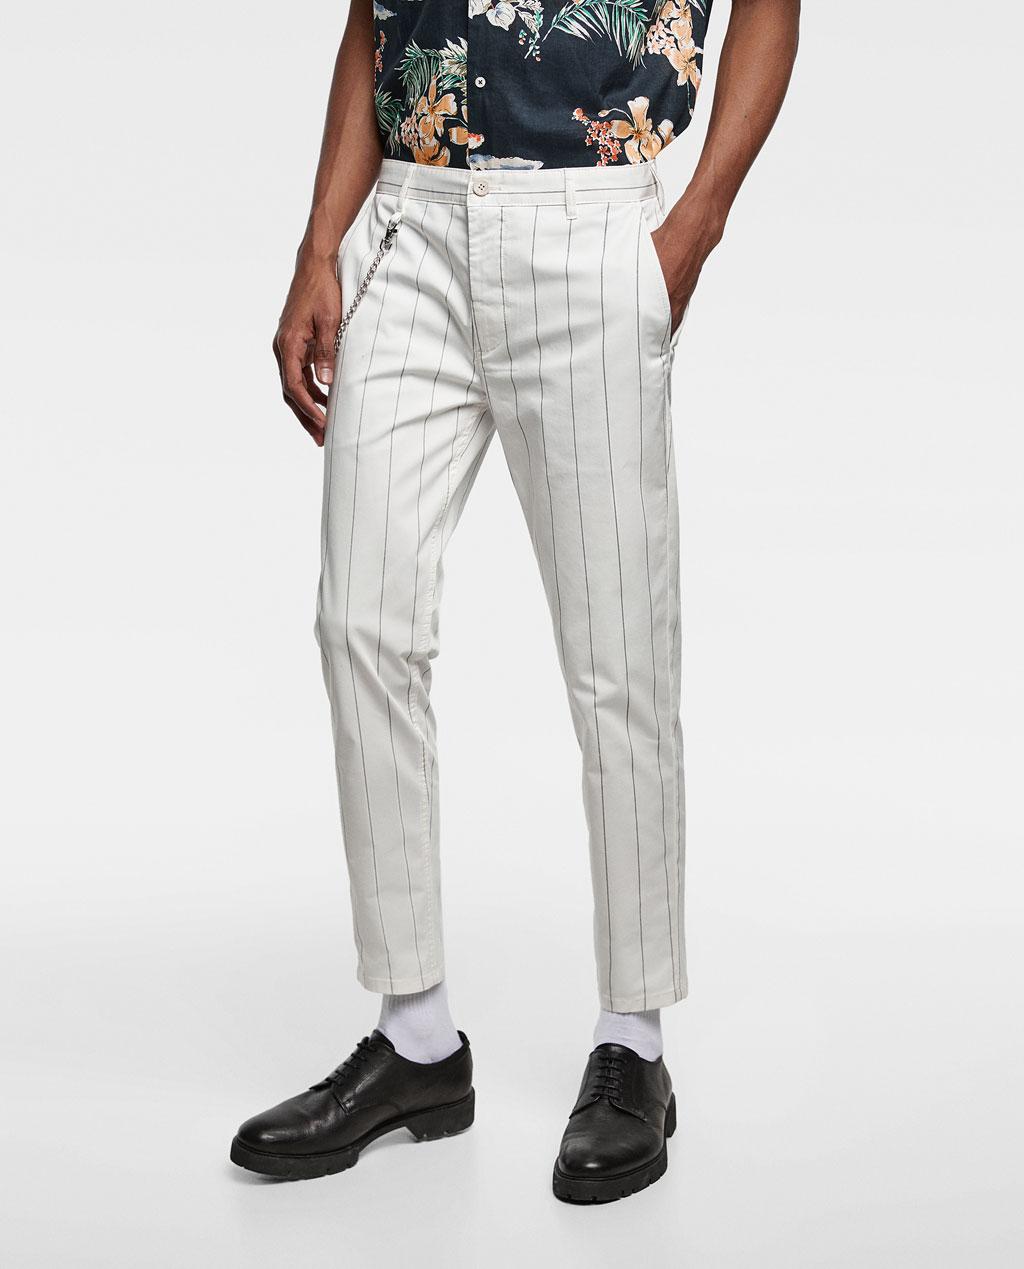 Thời trang nam Zara  23979 - ảnh 4